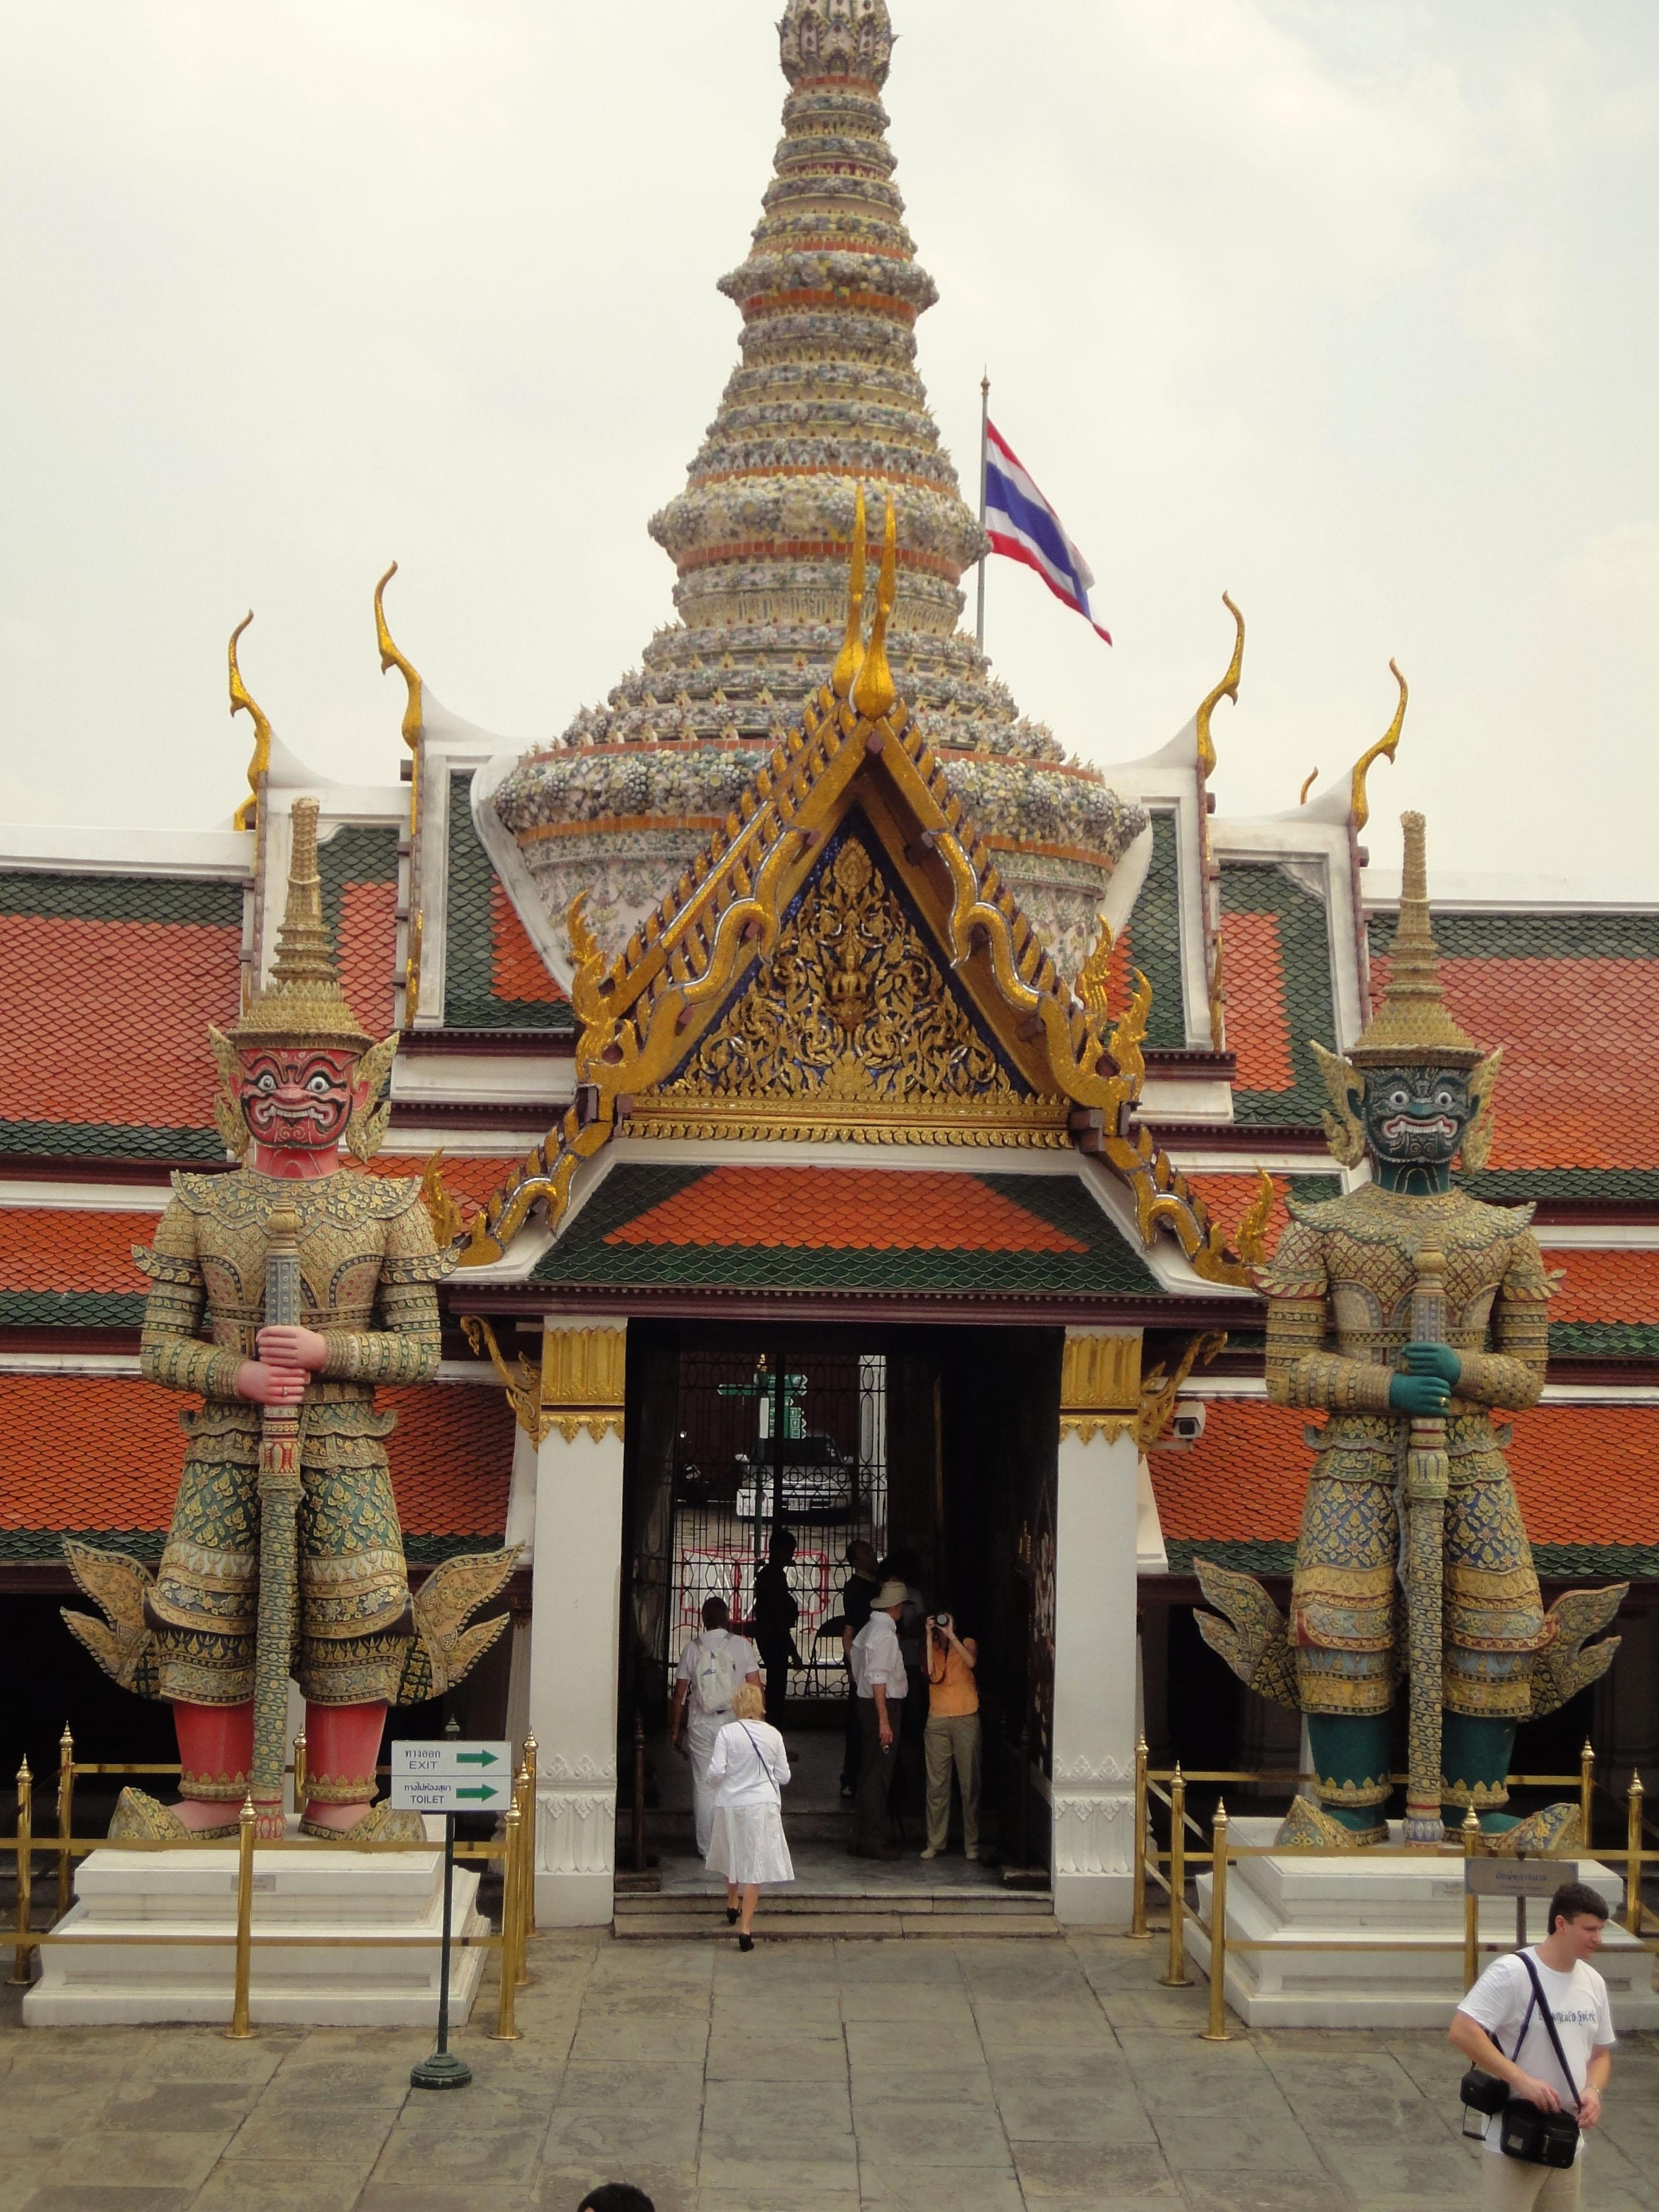 Grand Palace Phra Borom Maha Ratcha Wang Bangkok Thailand 15